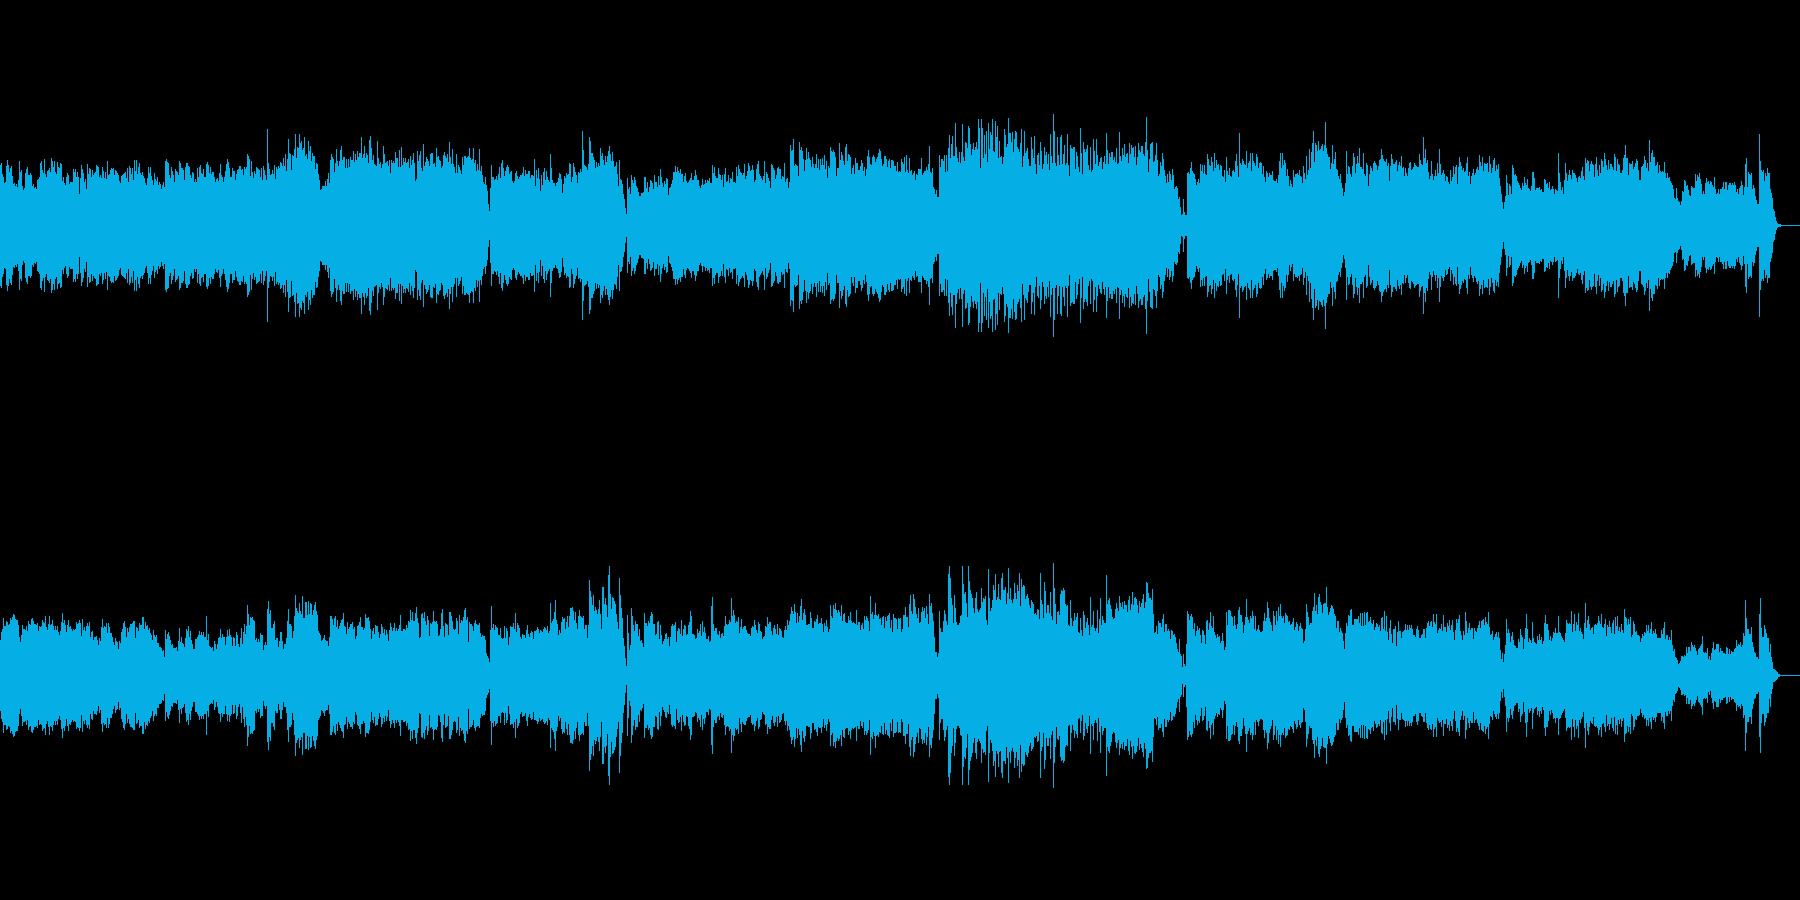 小組曲より第三楽章メヌエットの再生済みの波形